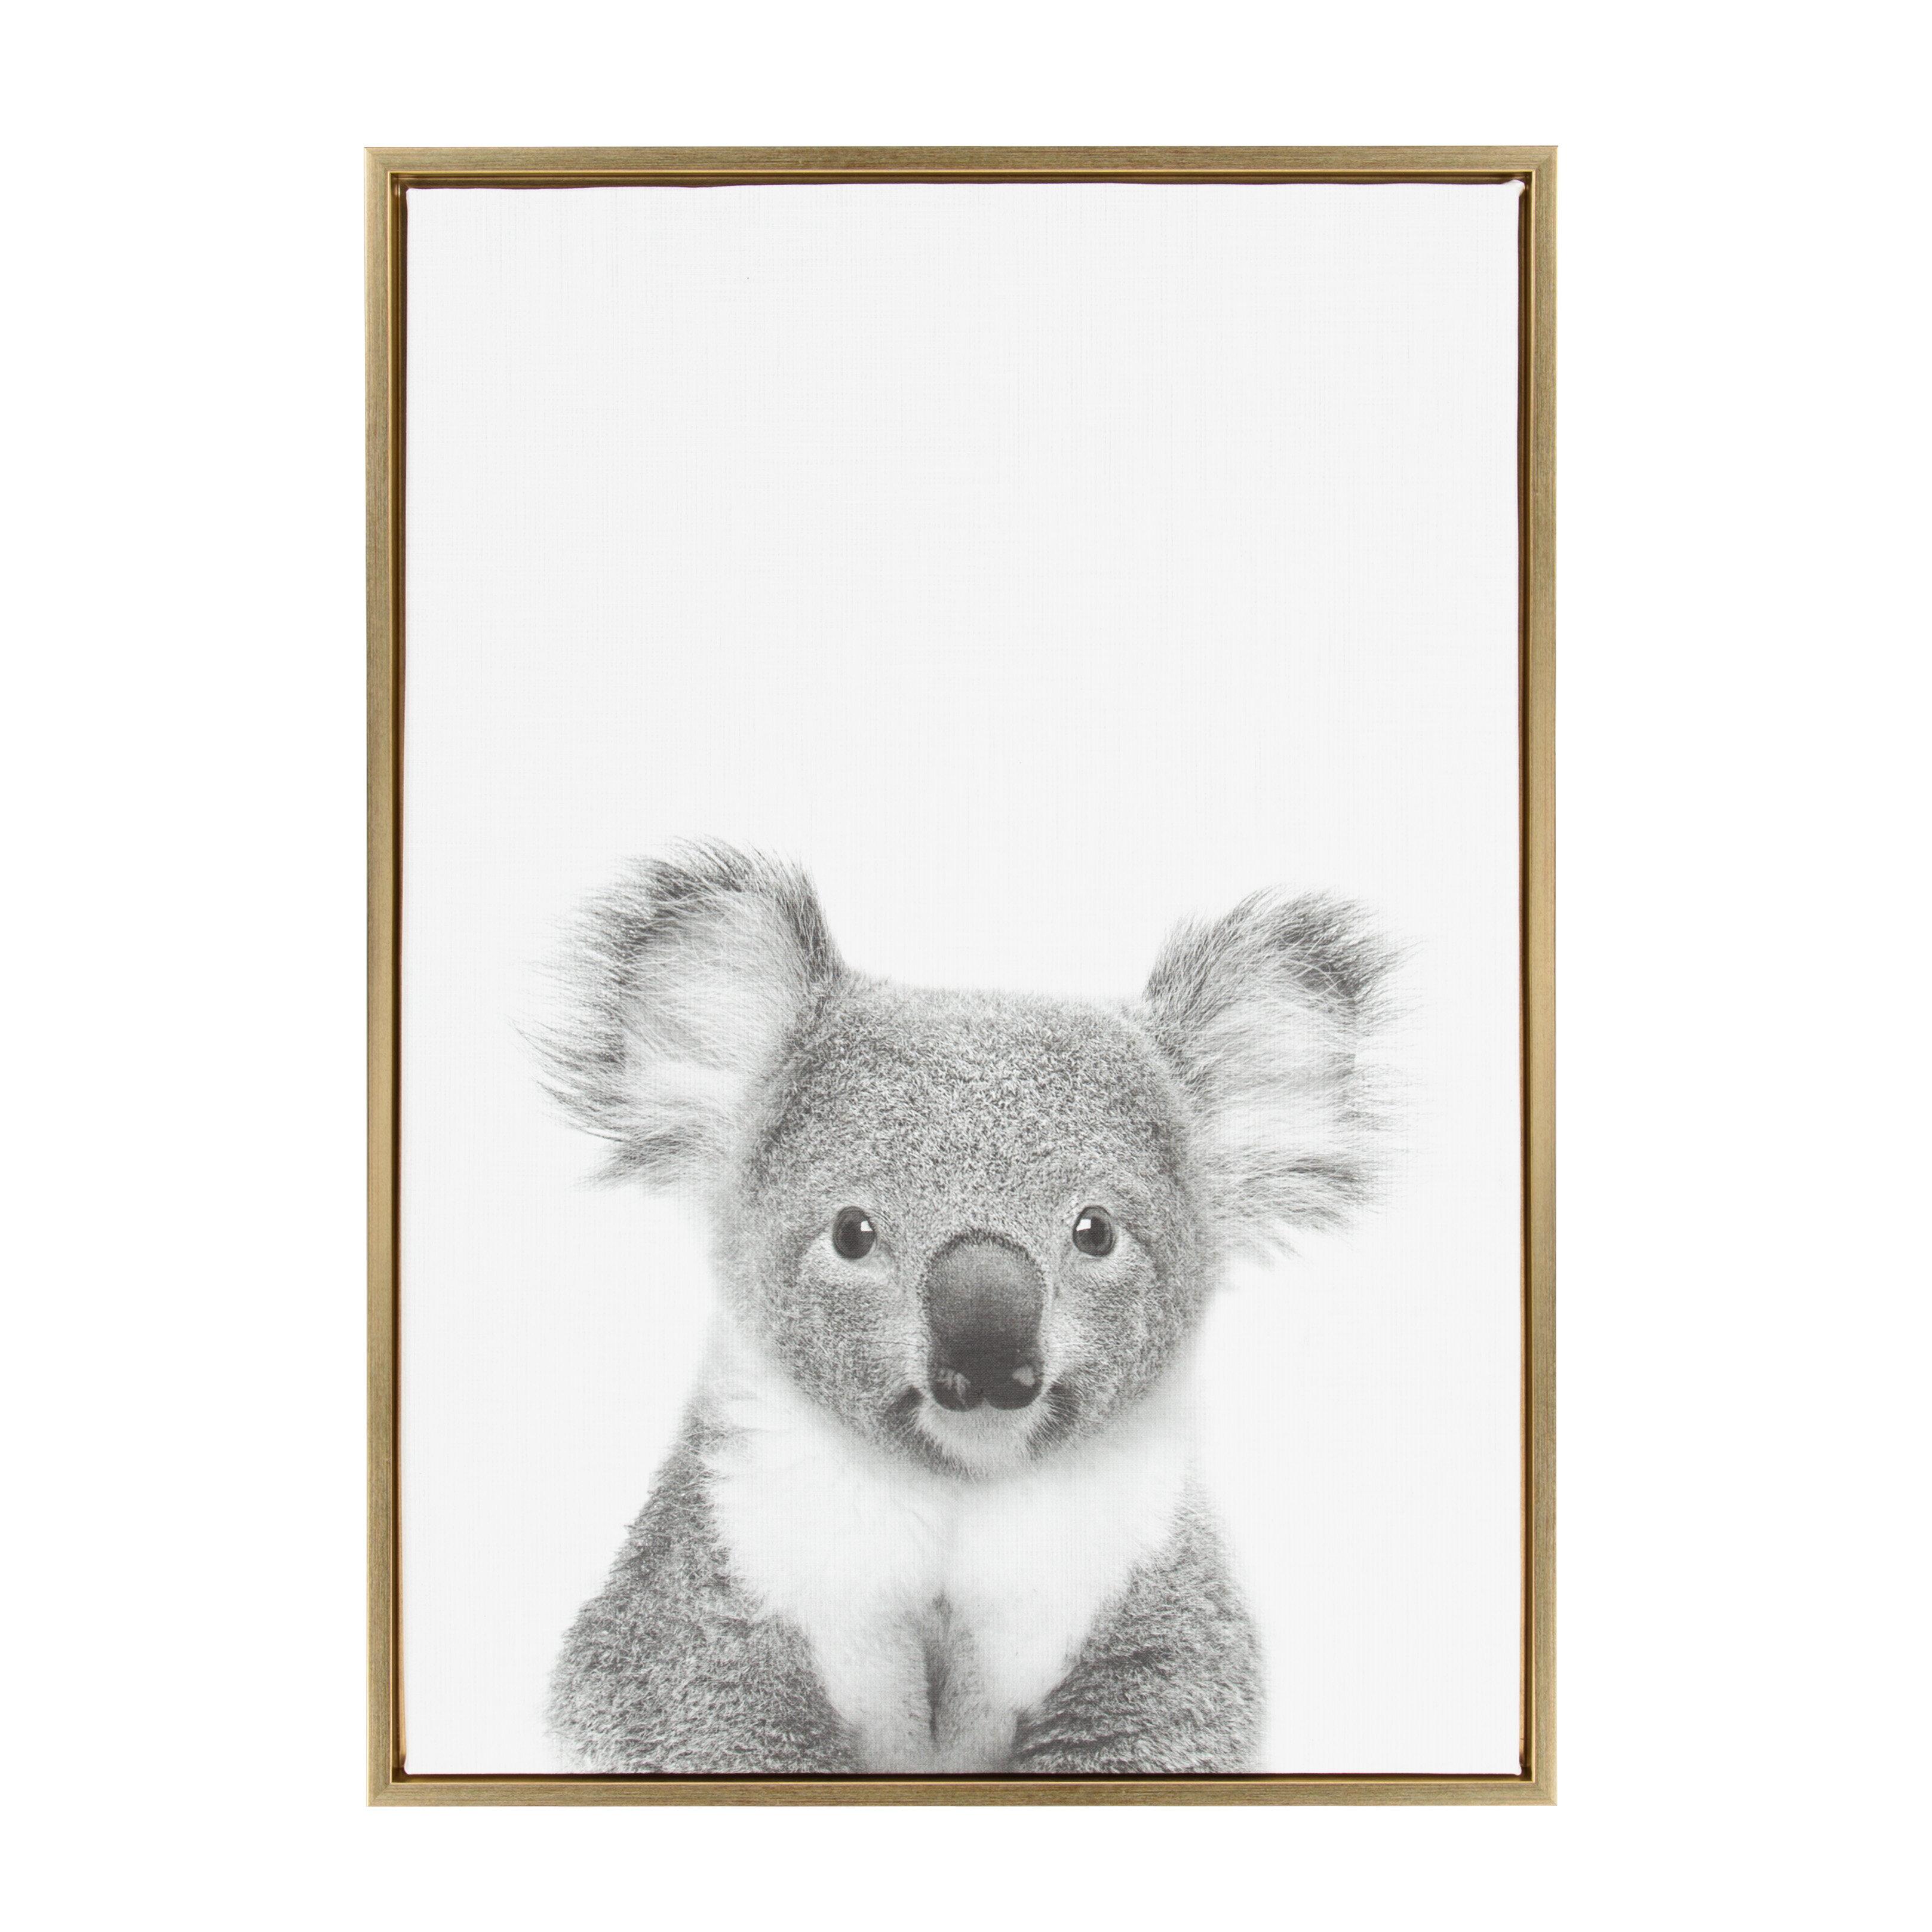 Koala Ii Animal Print Black And White Portrait Framed